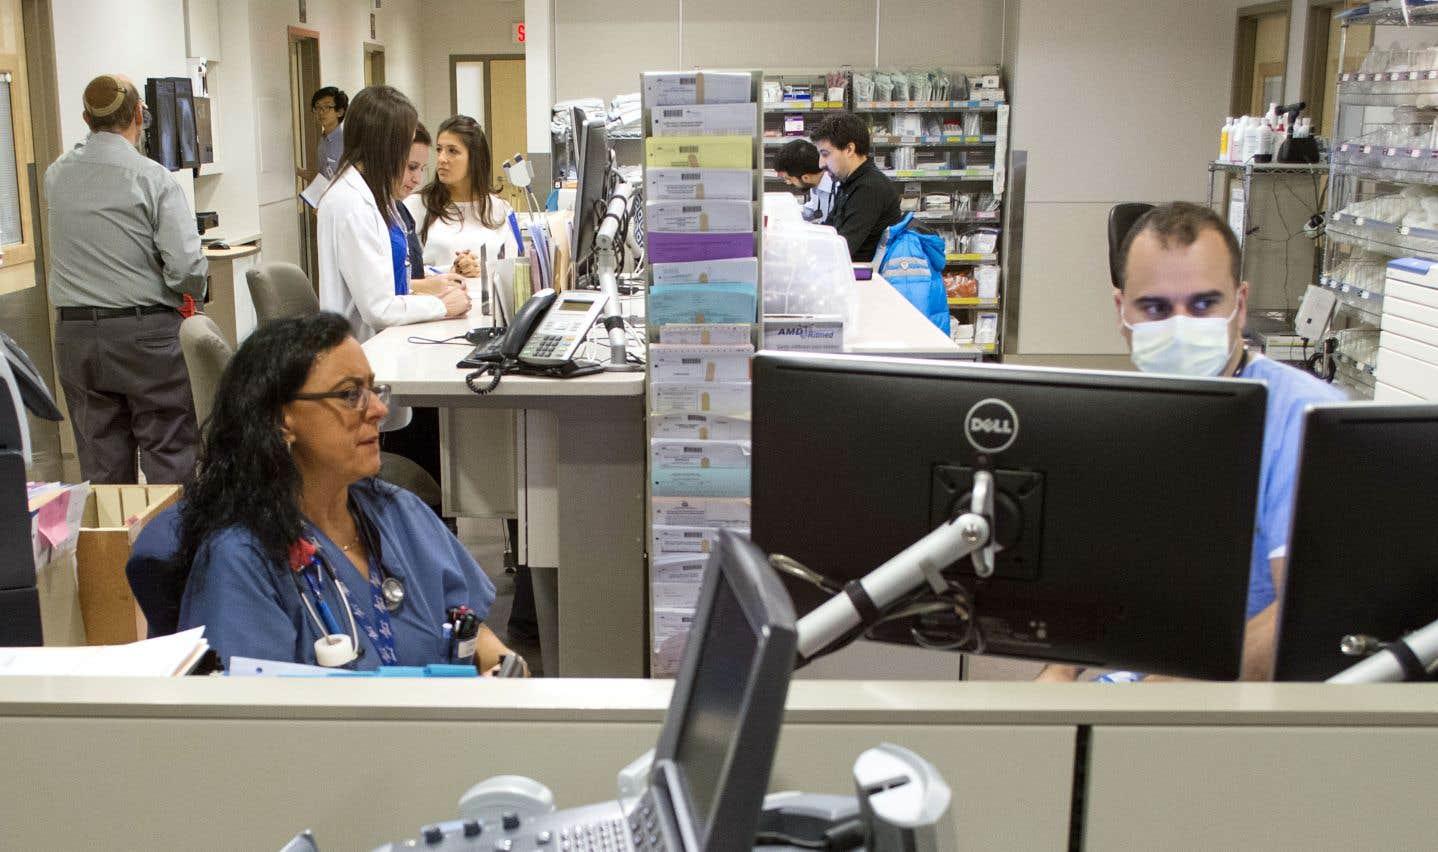 Selon l'auteur, les cadres du réseau de la santé se révèlent les mal-aimés auprès des médecins, des syndicats et du ministère.